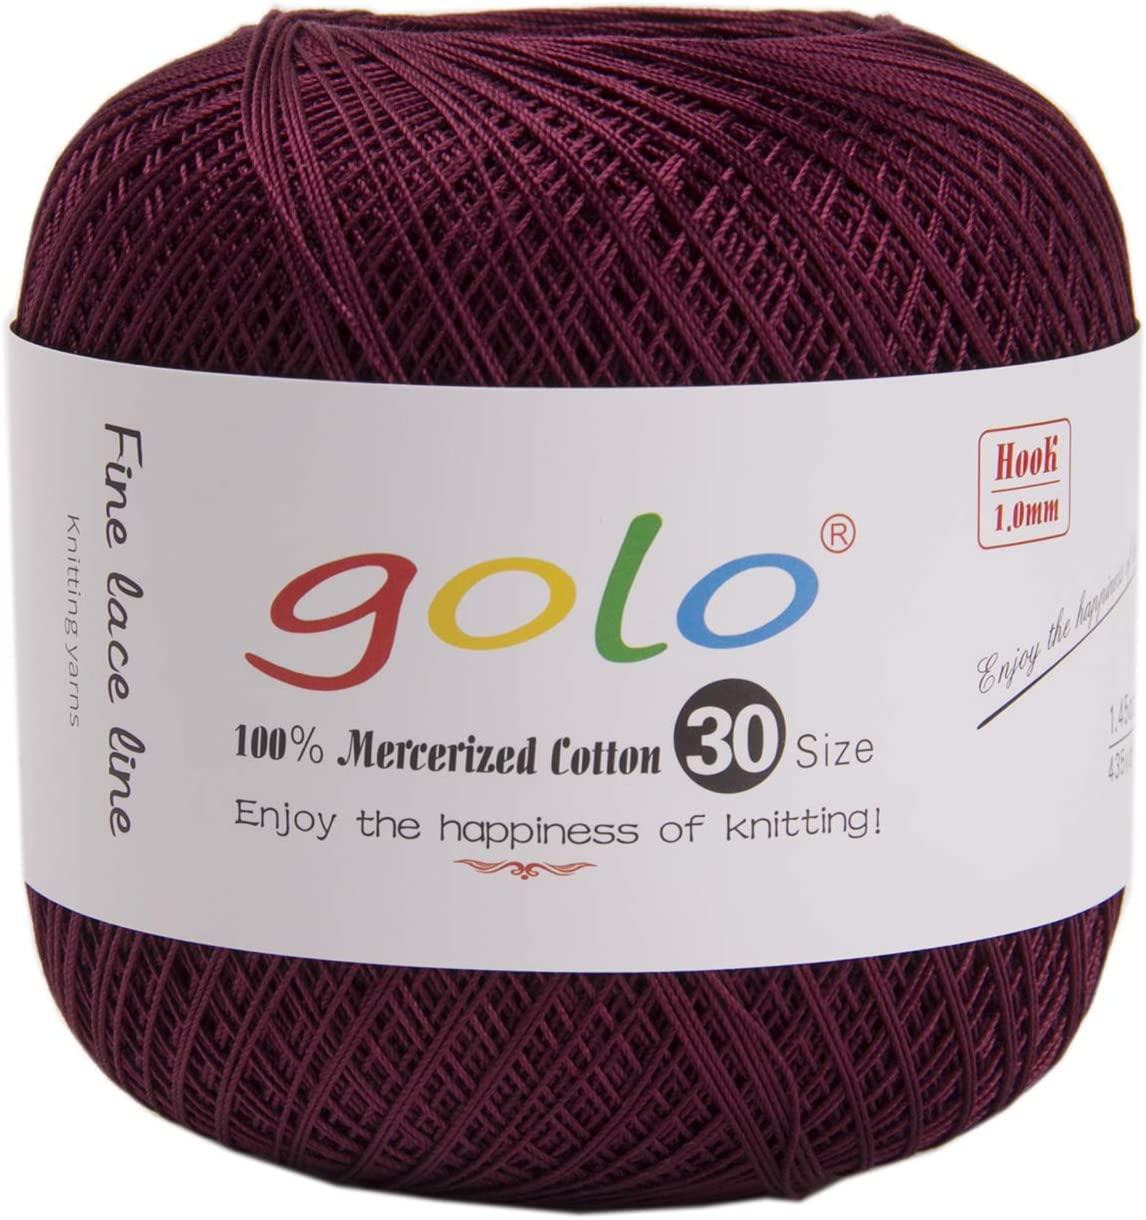 golo Knitting Yarns for Hand Work Crochet Yarn Crimson